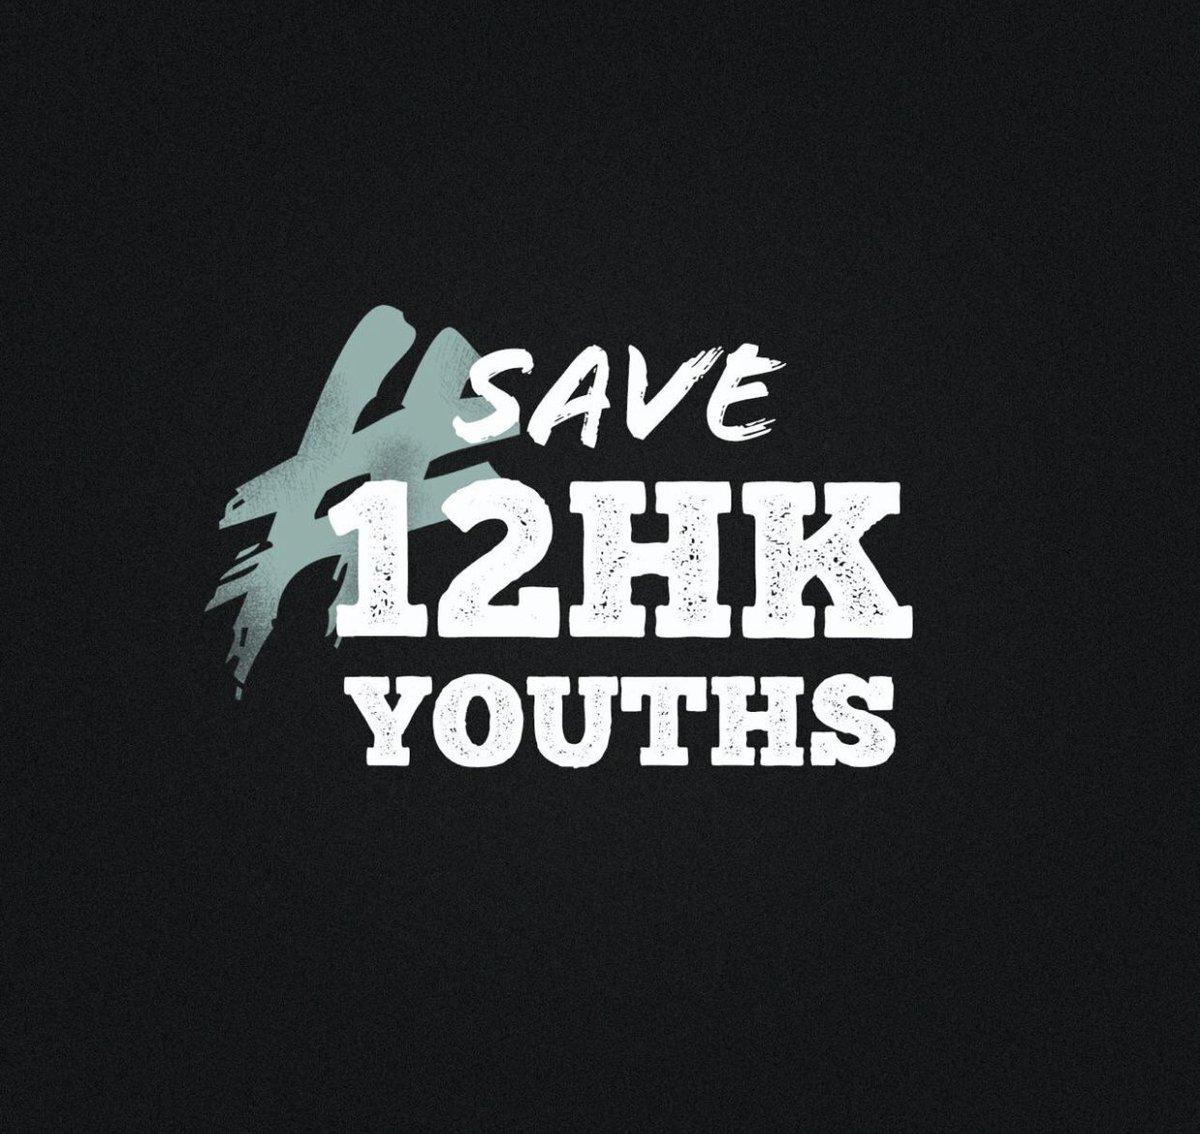 @RandomP71490643 #save12hkyouths #SAVE12  #HongKongers #HongKongProtests #HongKong https://t.co/G7JgI9brOw